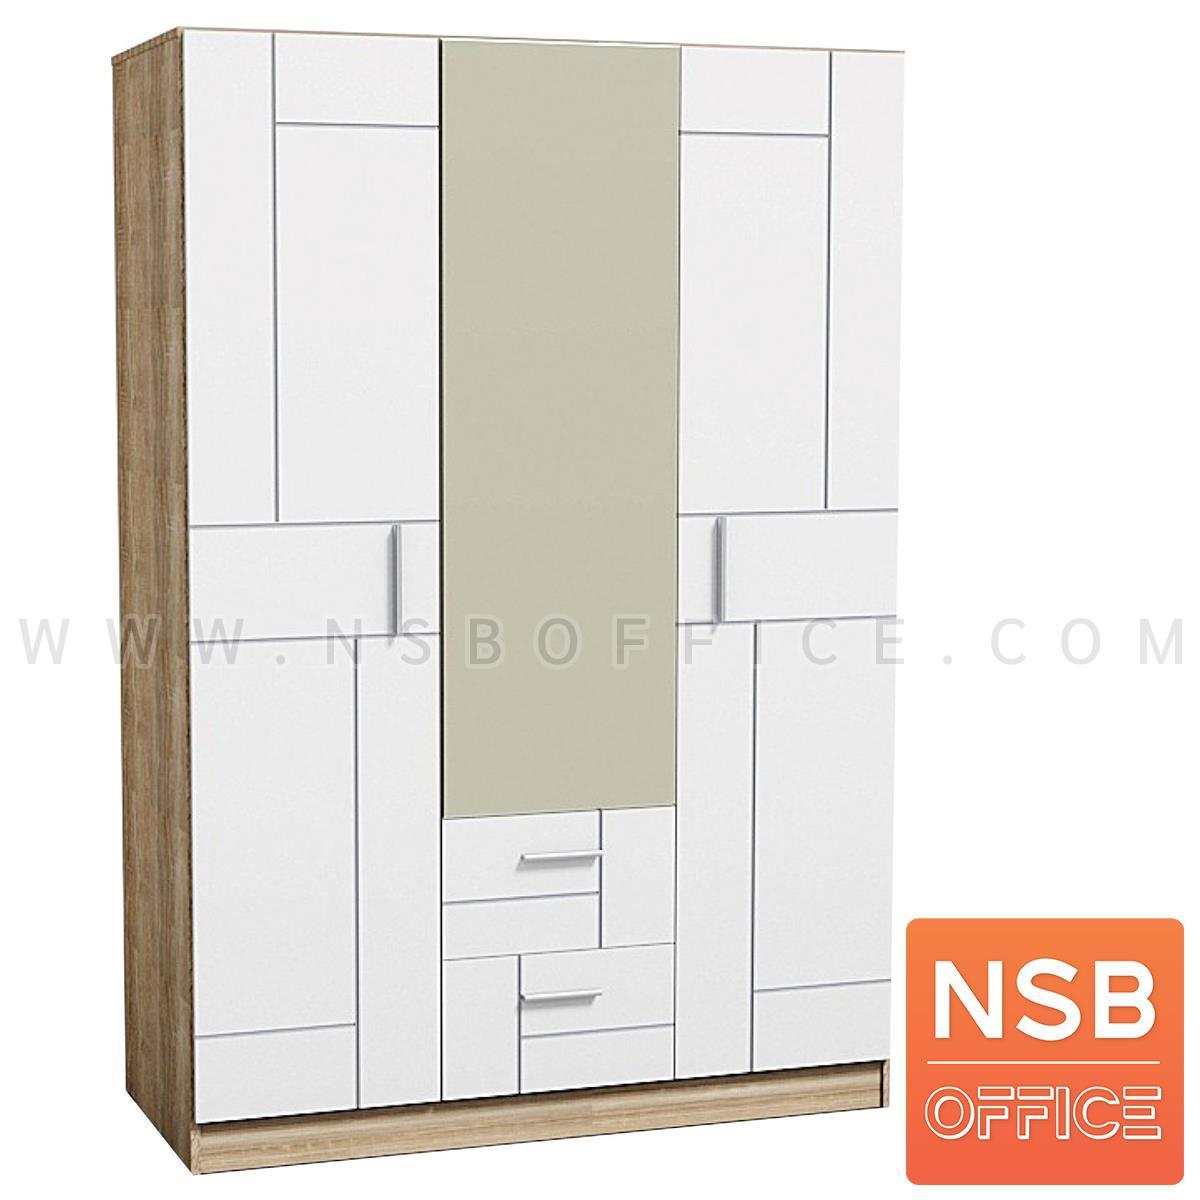 ตู้เสื้อผ้าไม้ 3 บานเปิด 2 ลิ้นชัก รุ่น Honeyjam (ฮันนี่แจม) ขนาด 136W*60D *200H cm. มีบานกระจก